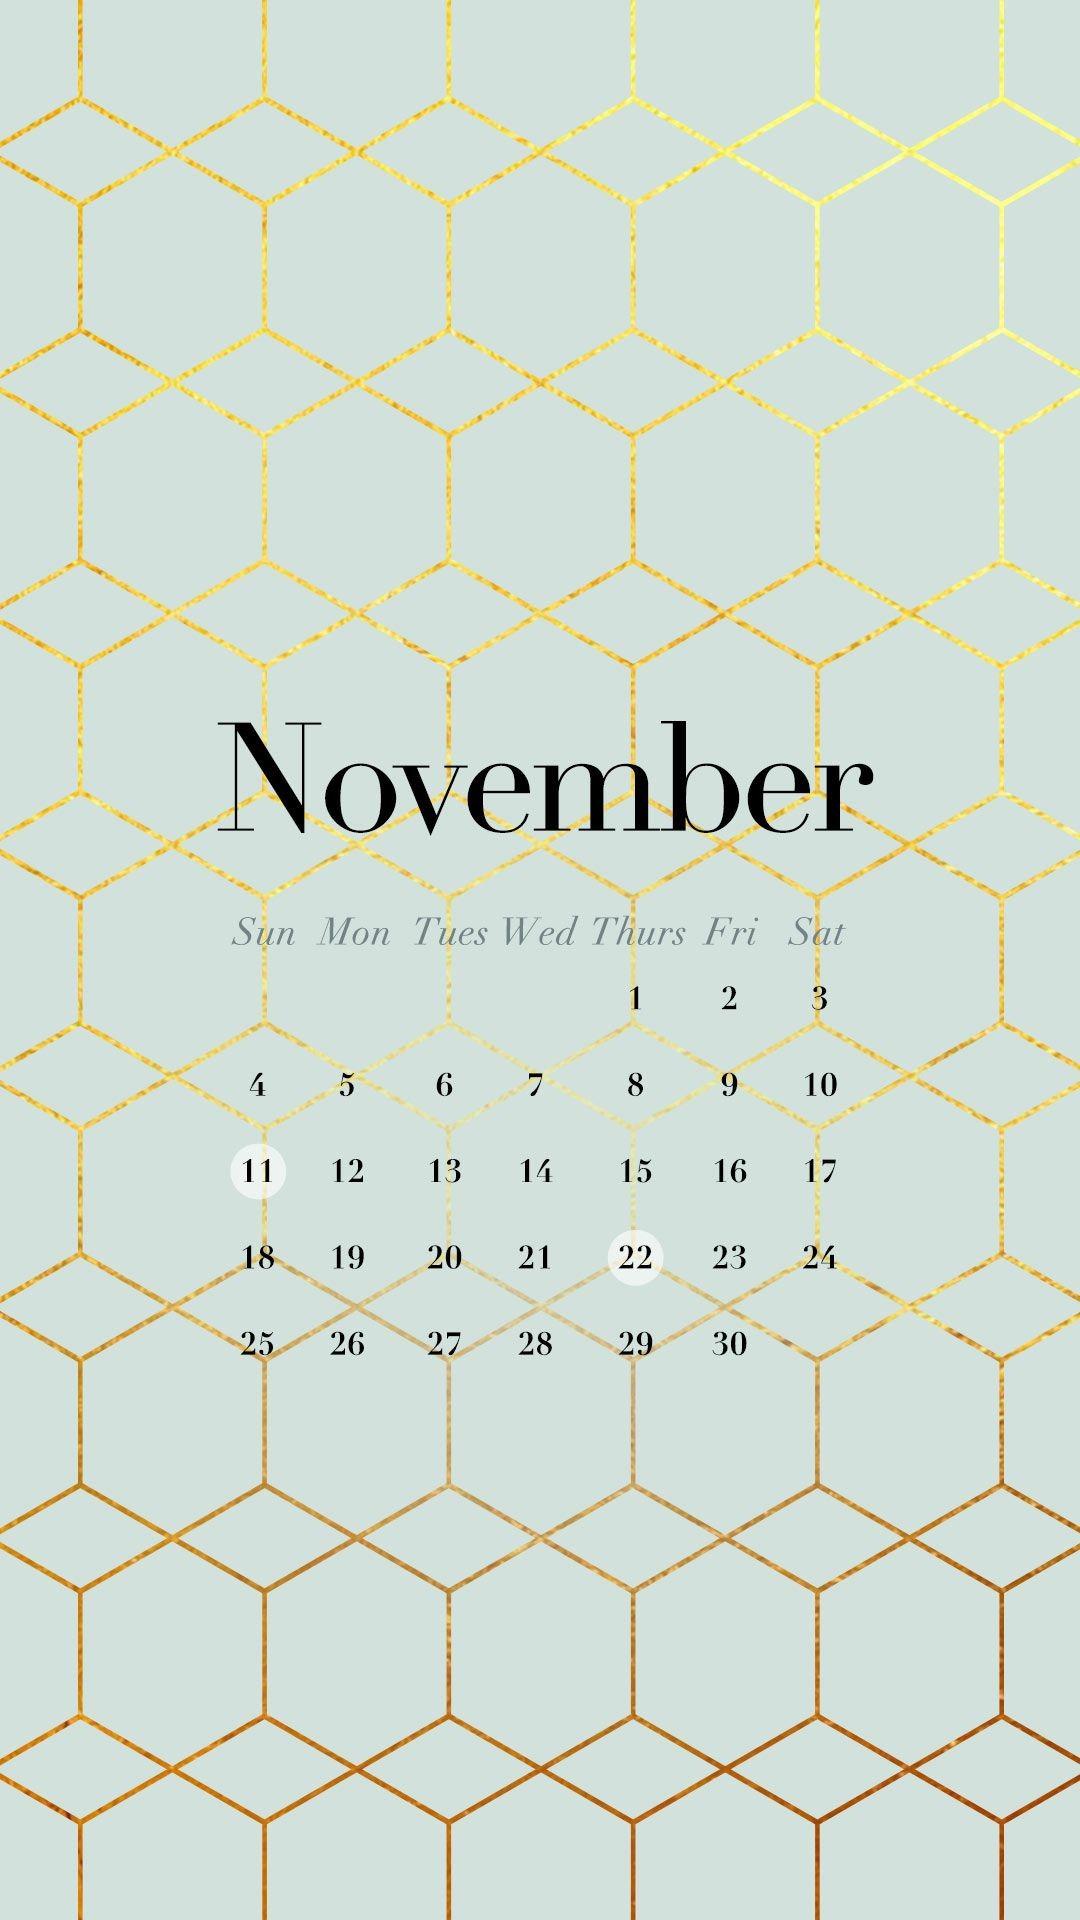 Calendario Para Imprimir Octubre De 2017 Más Populares Pin De Dany En Calendar Of Calendario Para Imprimir Octubre De 2017 Más Populares 2018 October Time Table Calendar October 2018 Calendar